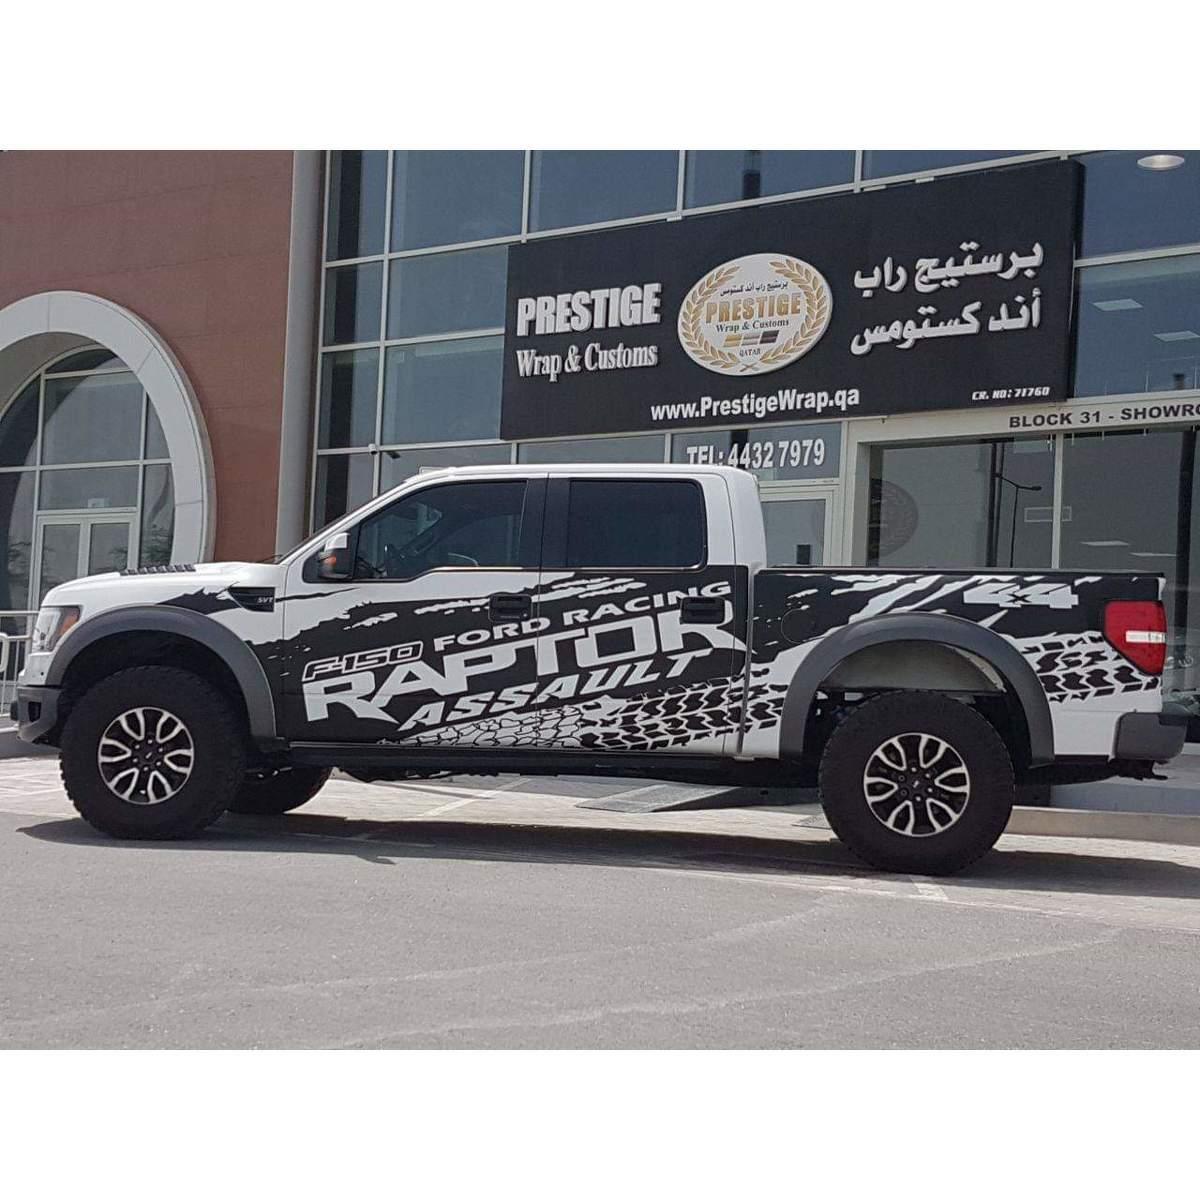 F-150 Ford Raptor Schlammspritzer Reifenspur Aufkleber Grafiken Aufkleber Vinyl Aufkleber Grafik